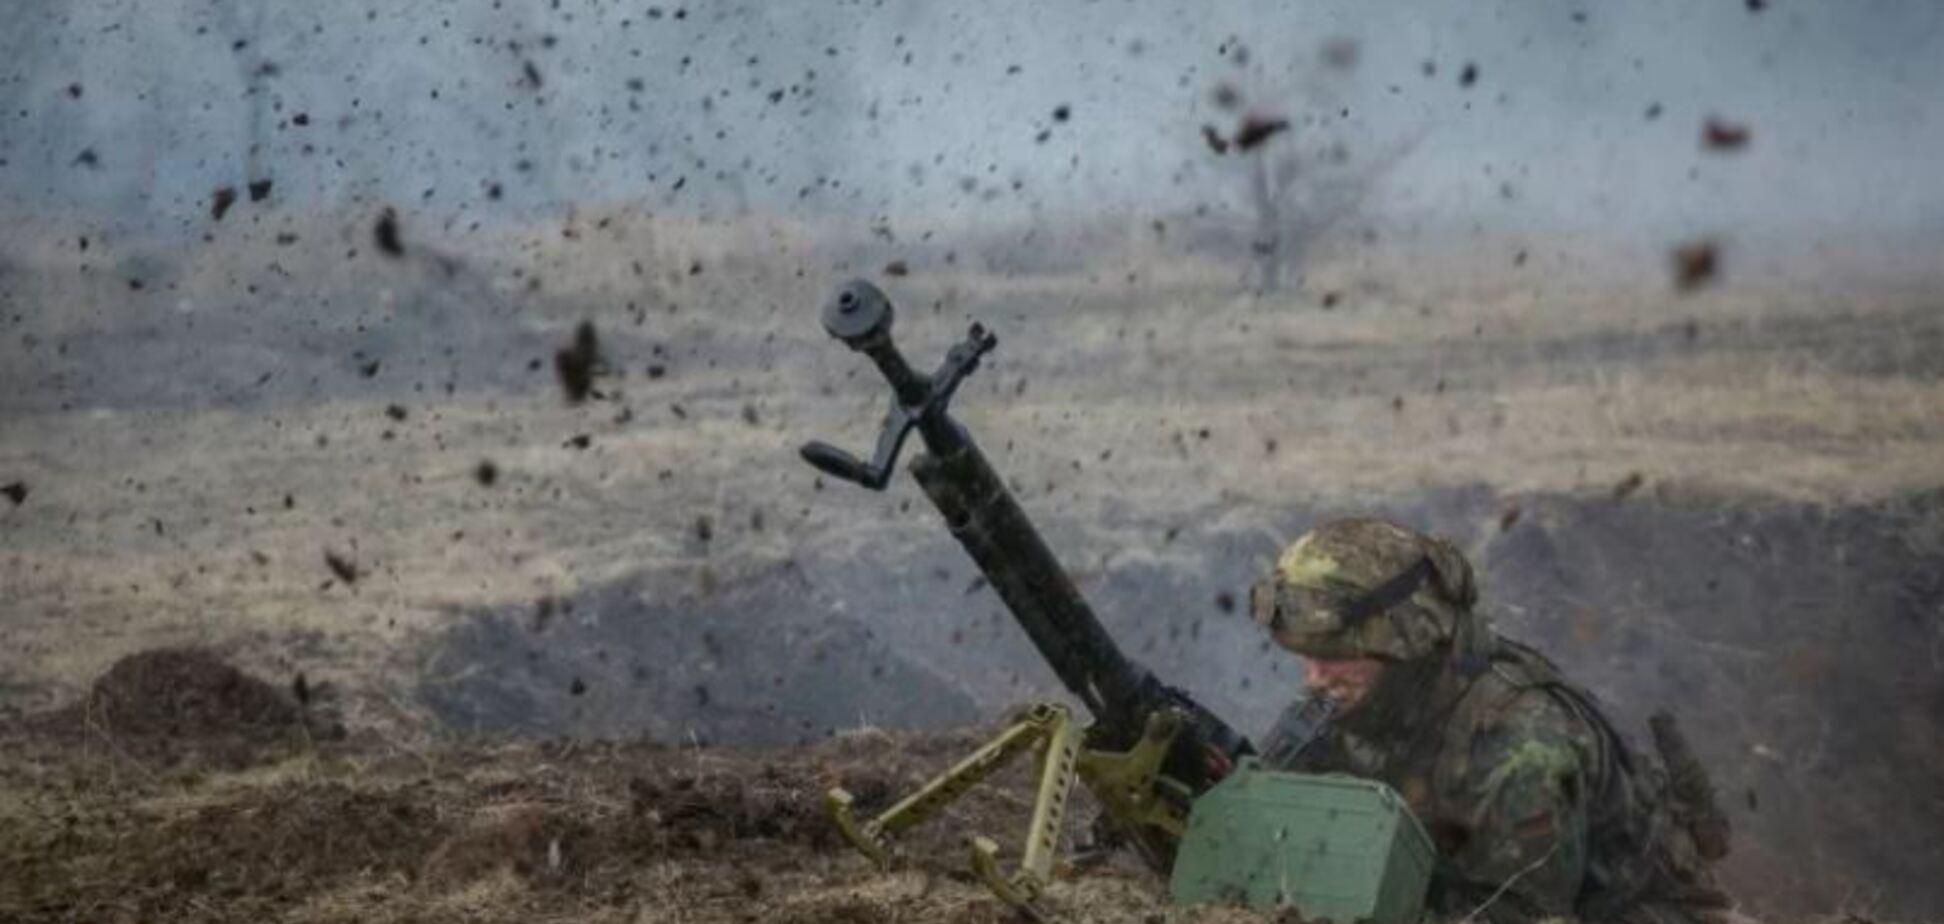 ВСУ устроили 'Л/ДНР' ад на Донбассе: у оккупантов потери